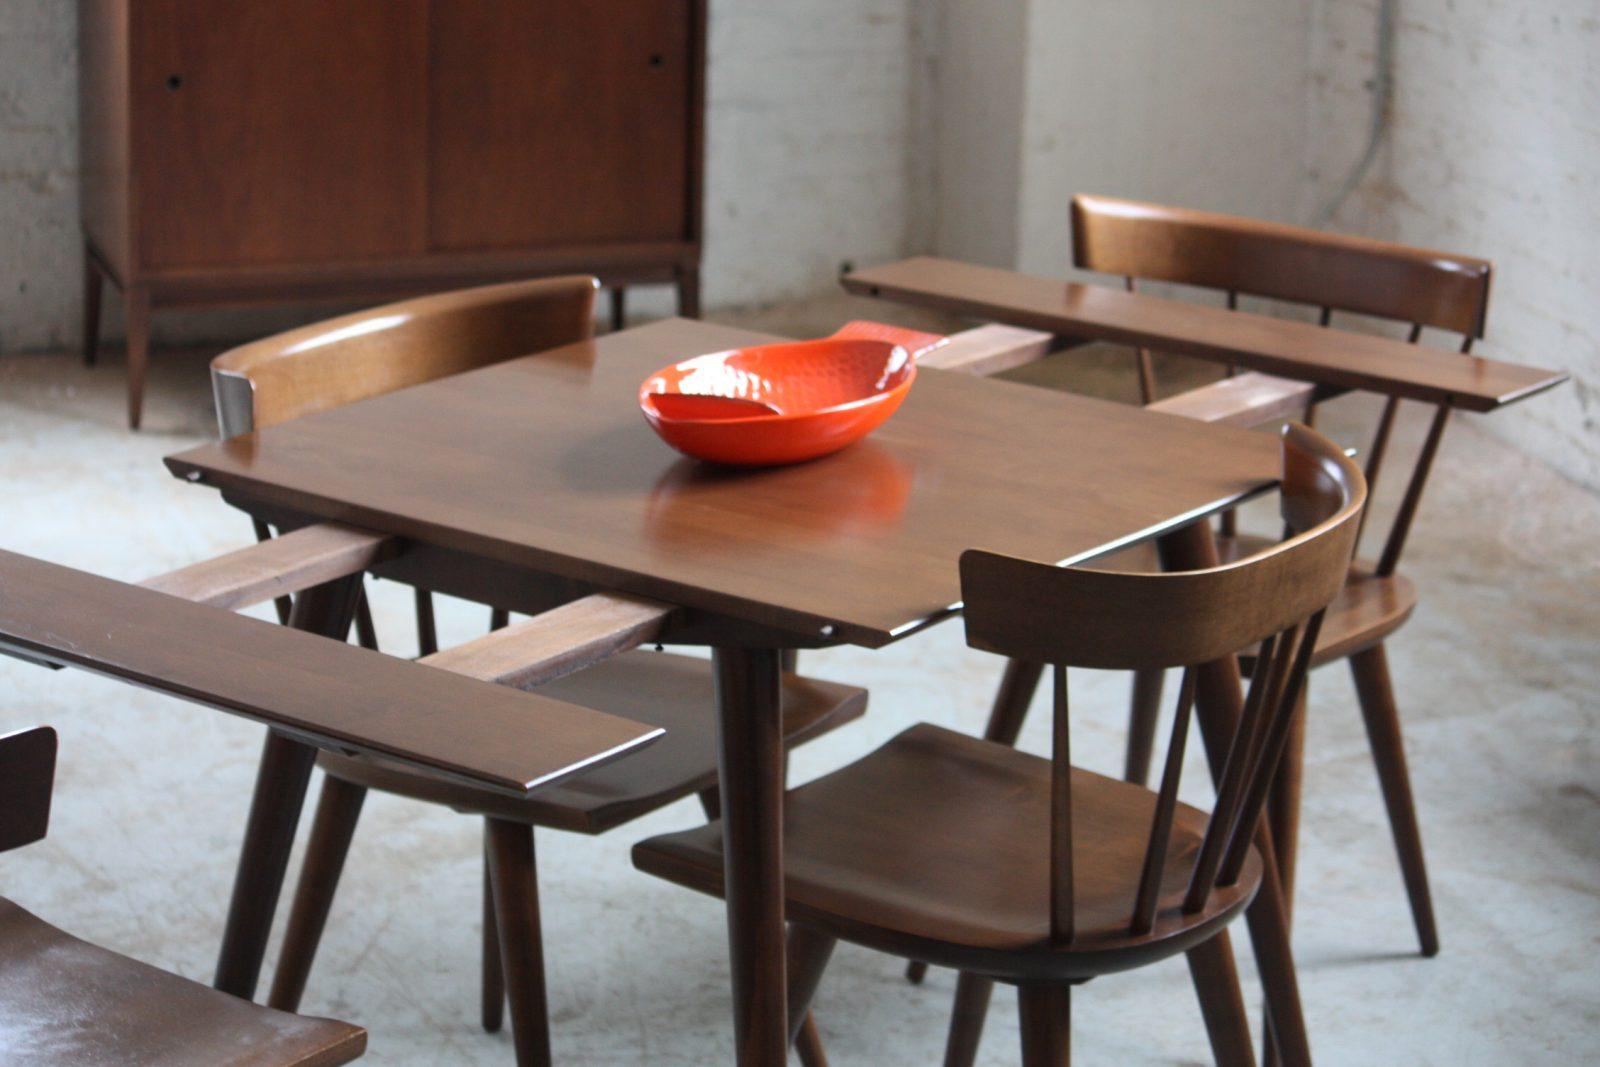 Mesa de cocina extensible oscura :: Imágenes y fotos